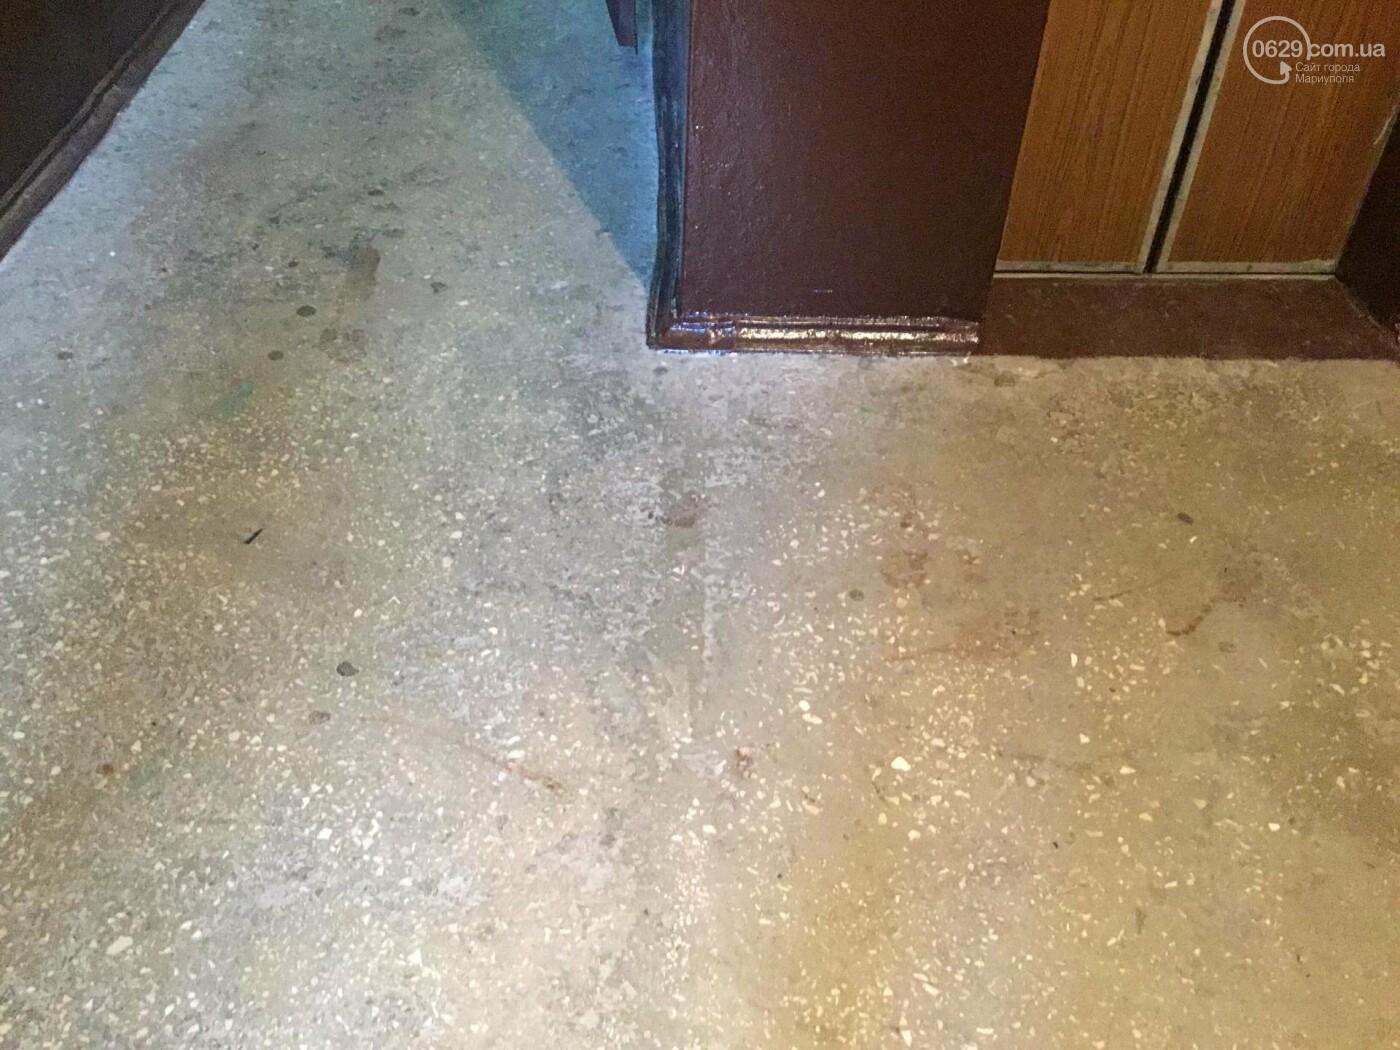 Нож, кровь, фаллоимитаторы: что произошло в мариупольском доме с консьержем, - ФОТО, фото-2